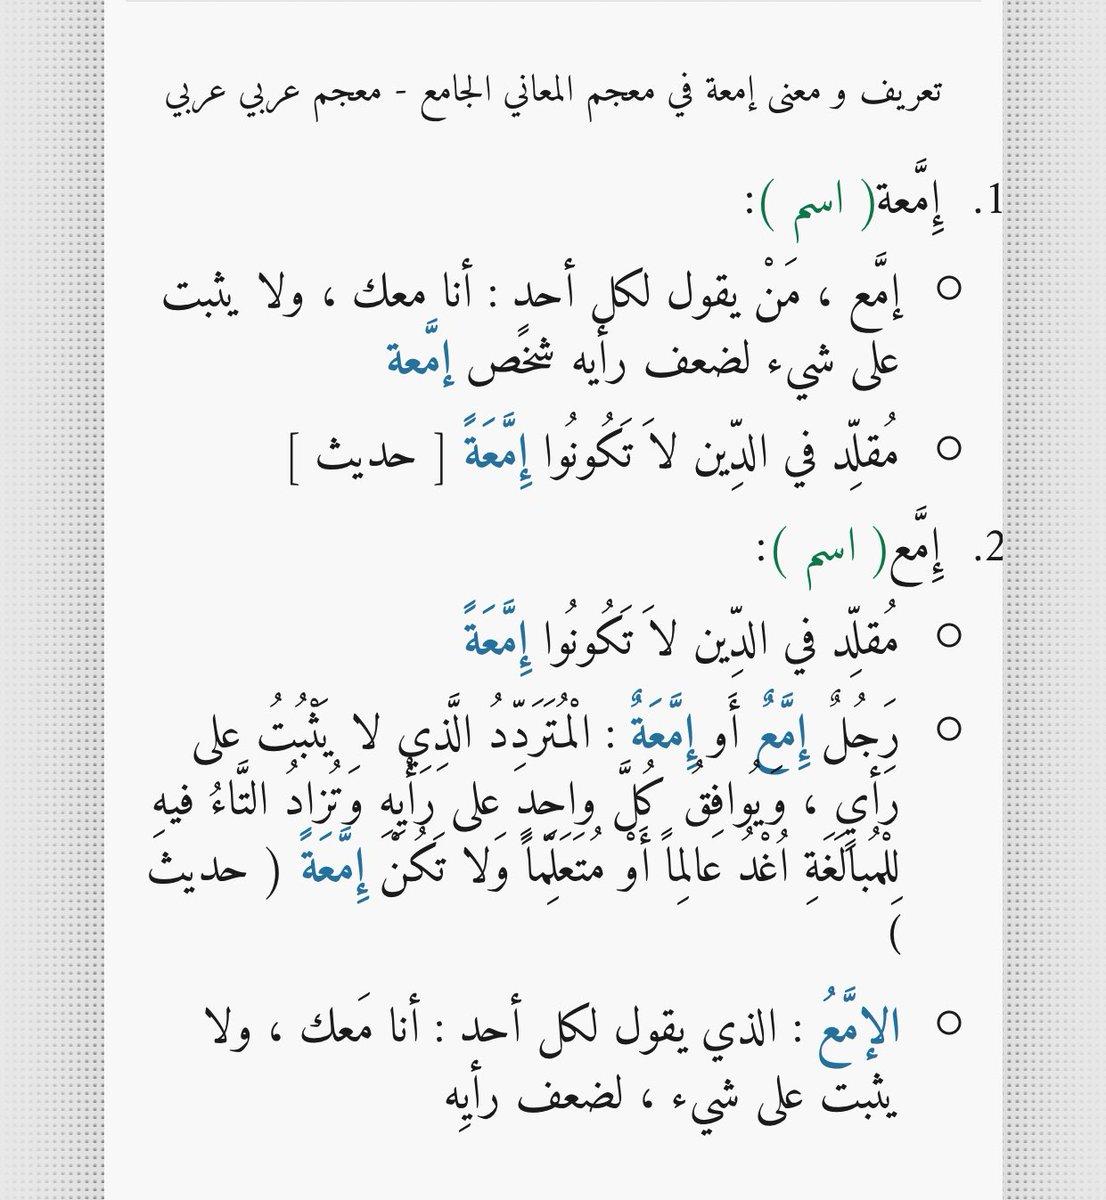 بالصور ما معنى امعة , شرح كلمه امعه في اللغه العربيه 2043 2